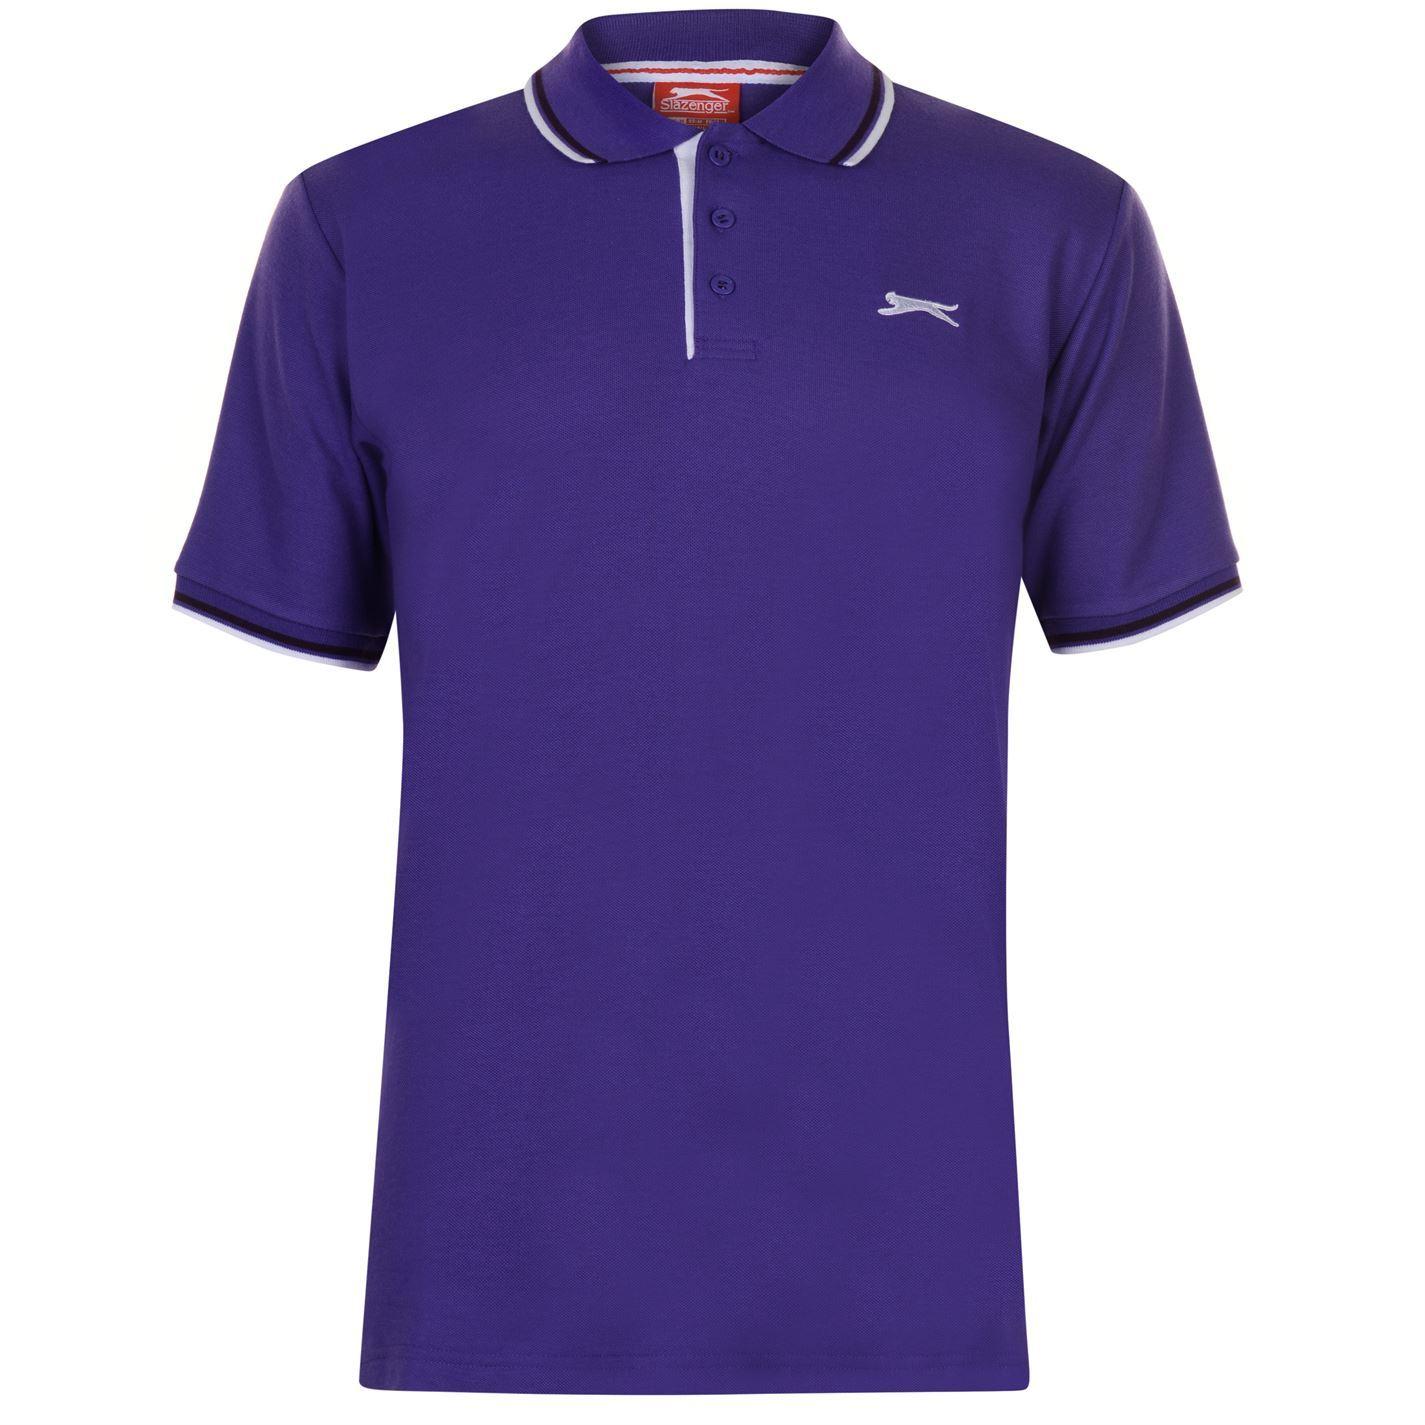 Slazenger-Polo-Camisa-de-hombre-con-cuello-con-Punta-T-Shirt-Top-Camiseta-Tee miniatura 66